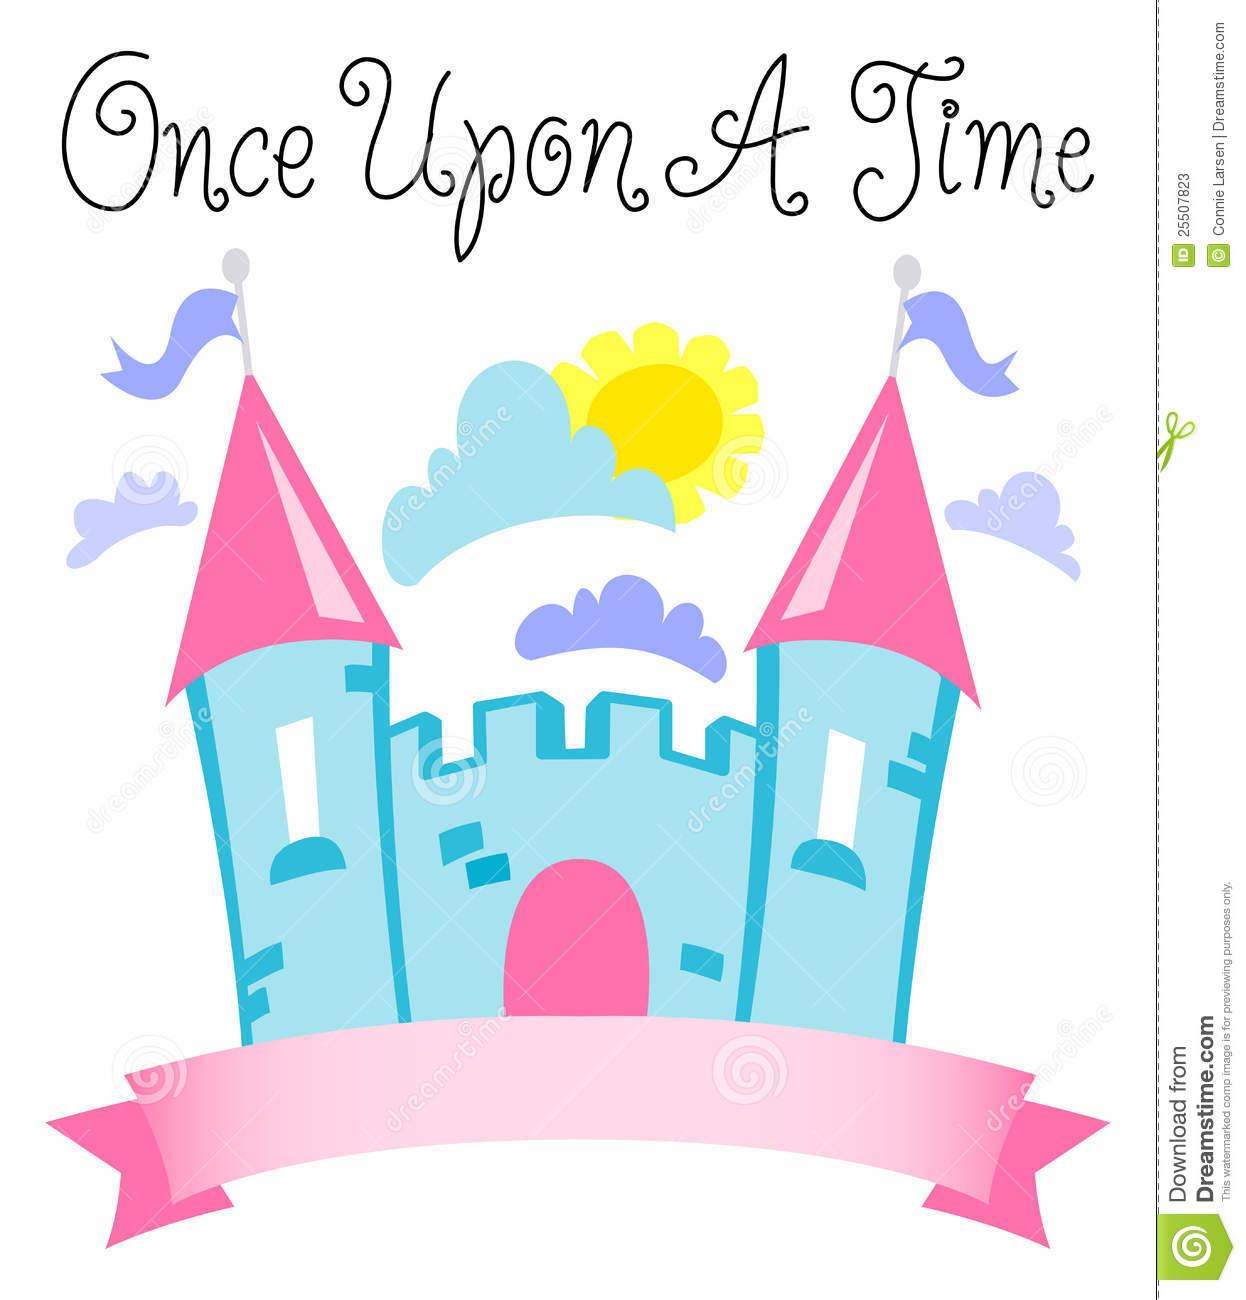 Fairy Tale Castle Clipart Time Fairytale-Fairy Tale Castle Clipart Time Fairytale Castle Eps-6